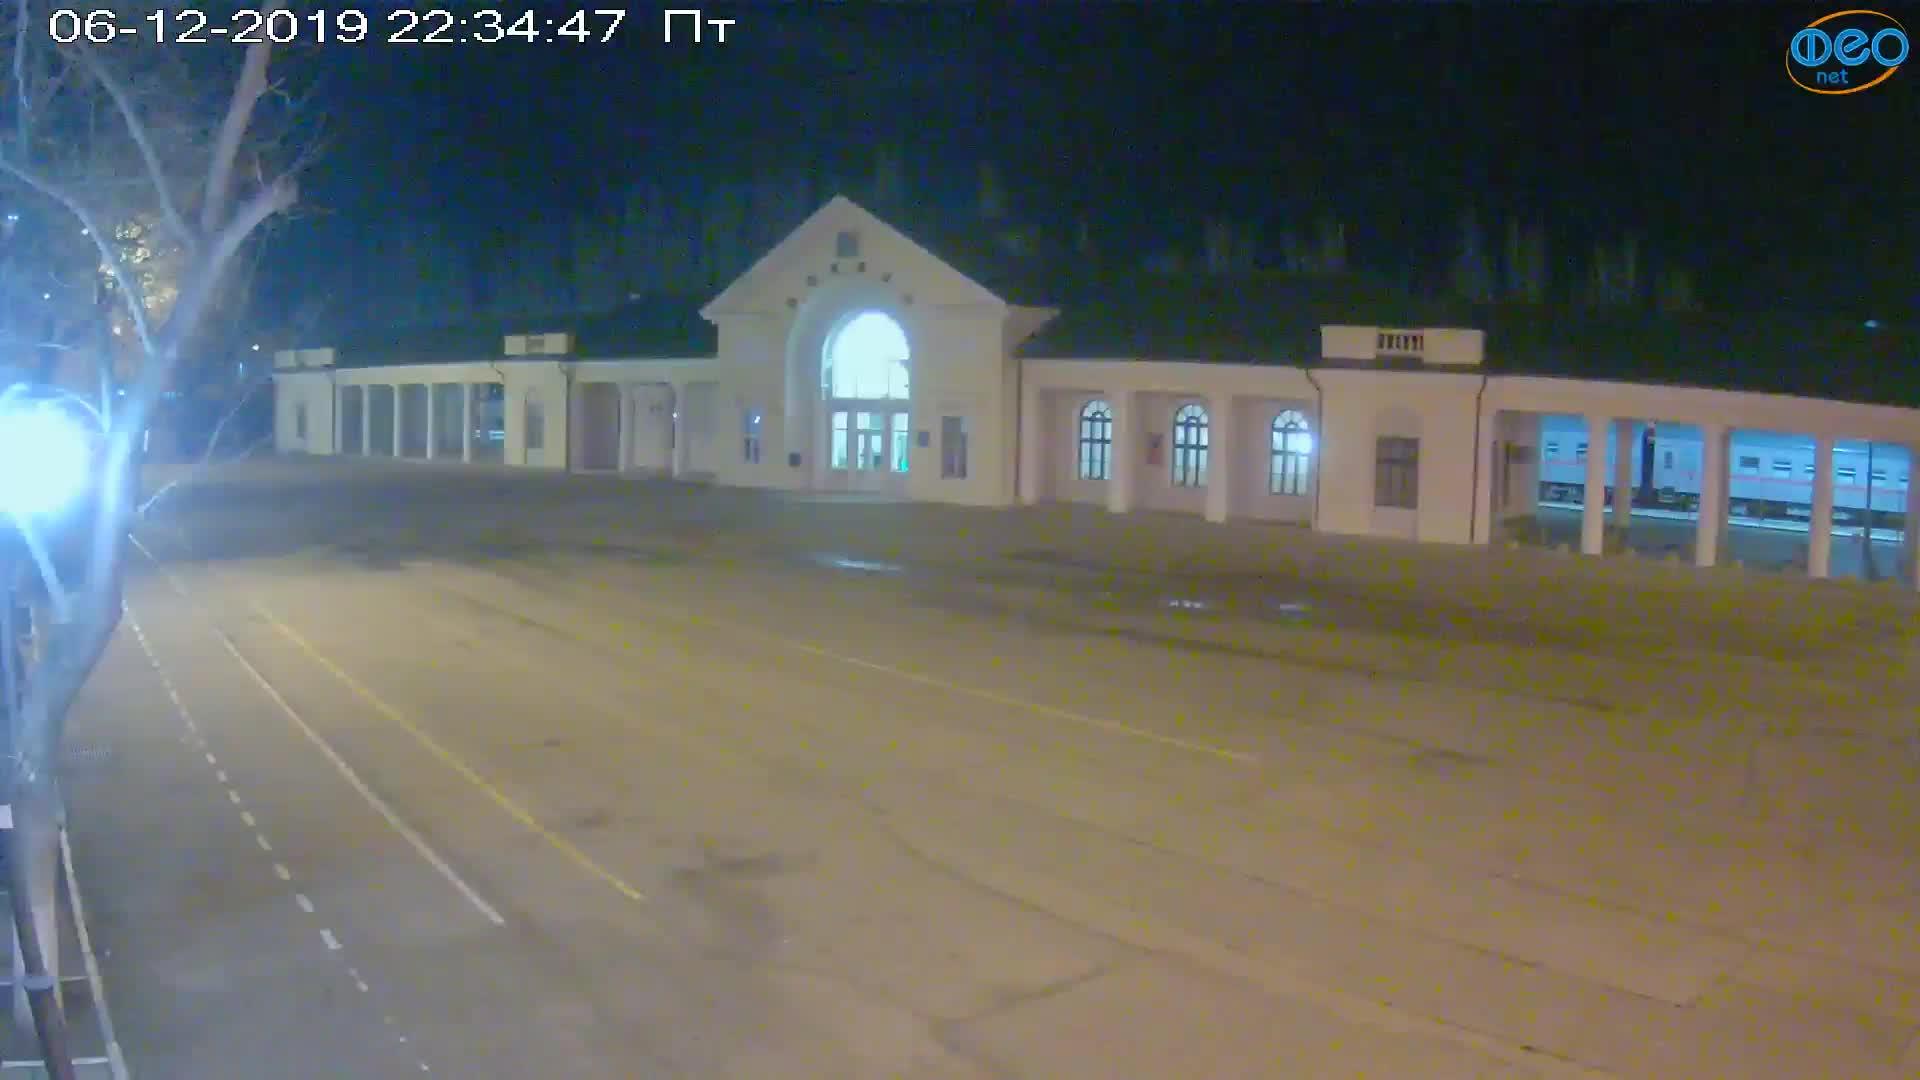 Веб-камеры Феодосии, Привокзальная площадь, 2019-12-06 22:35:09